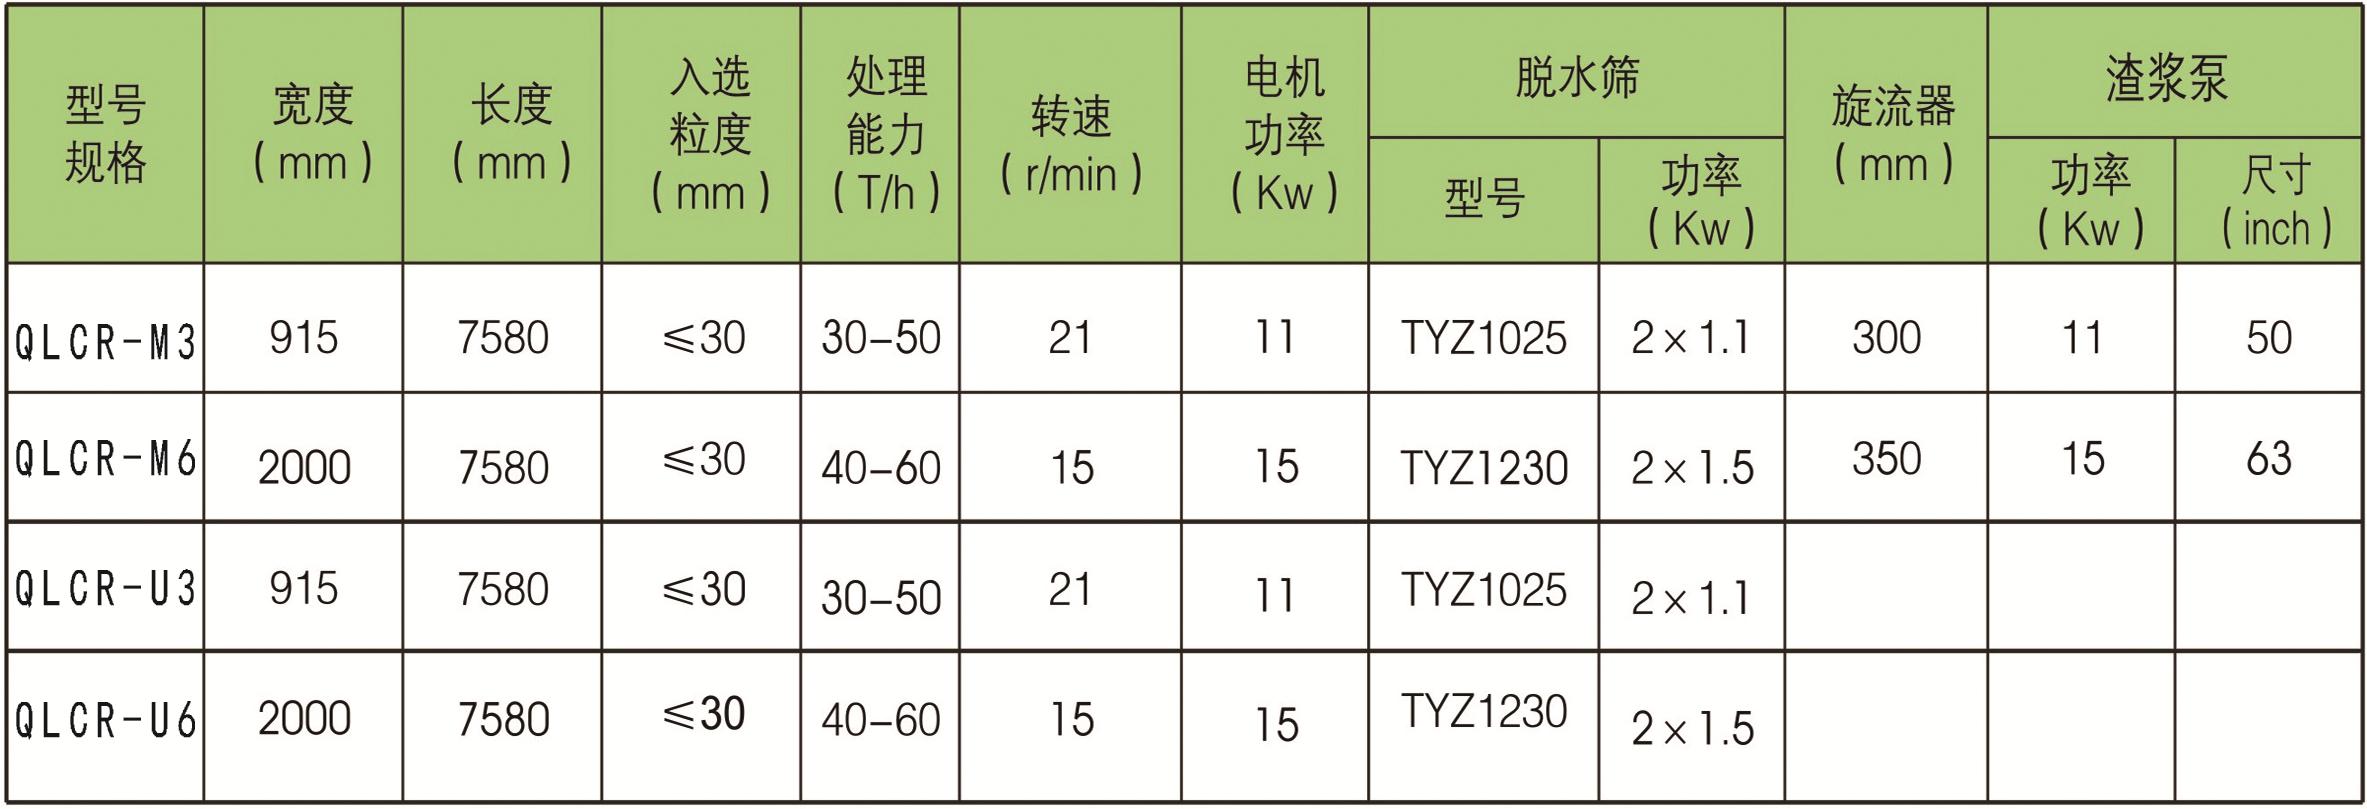 混凝土零排放回收系統